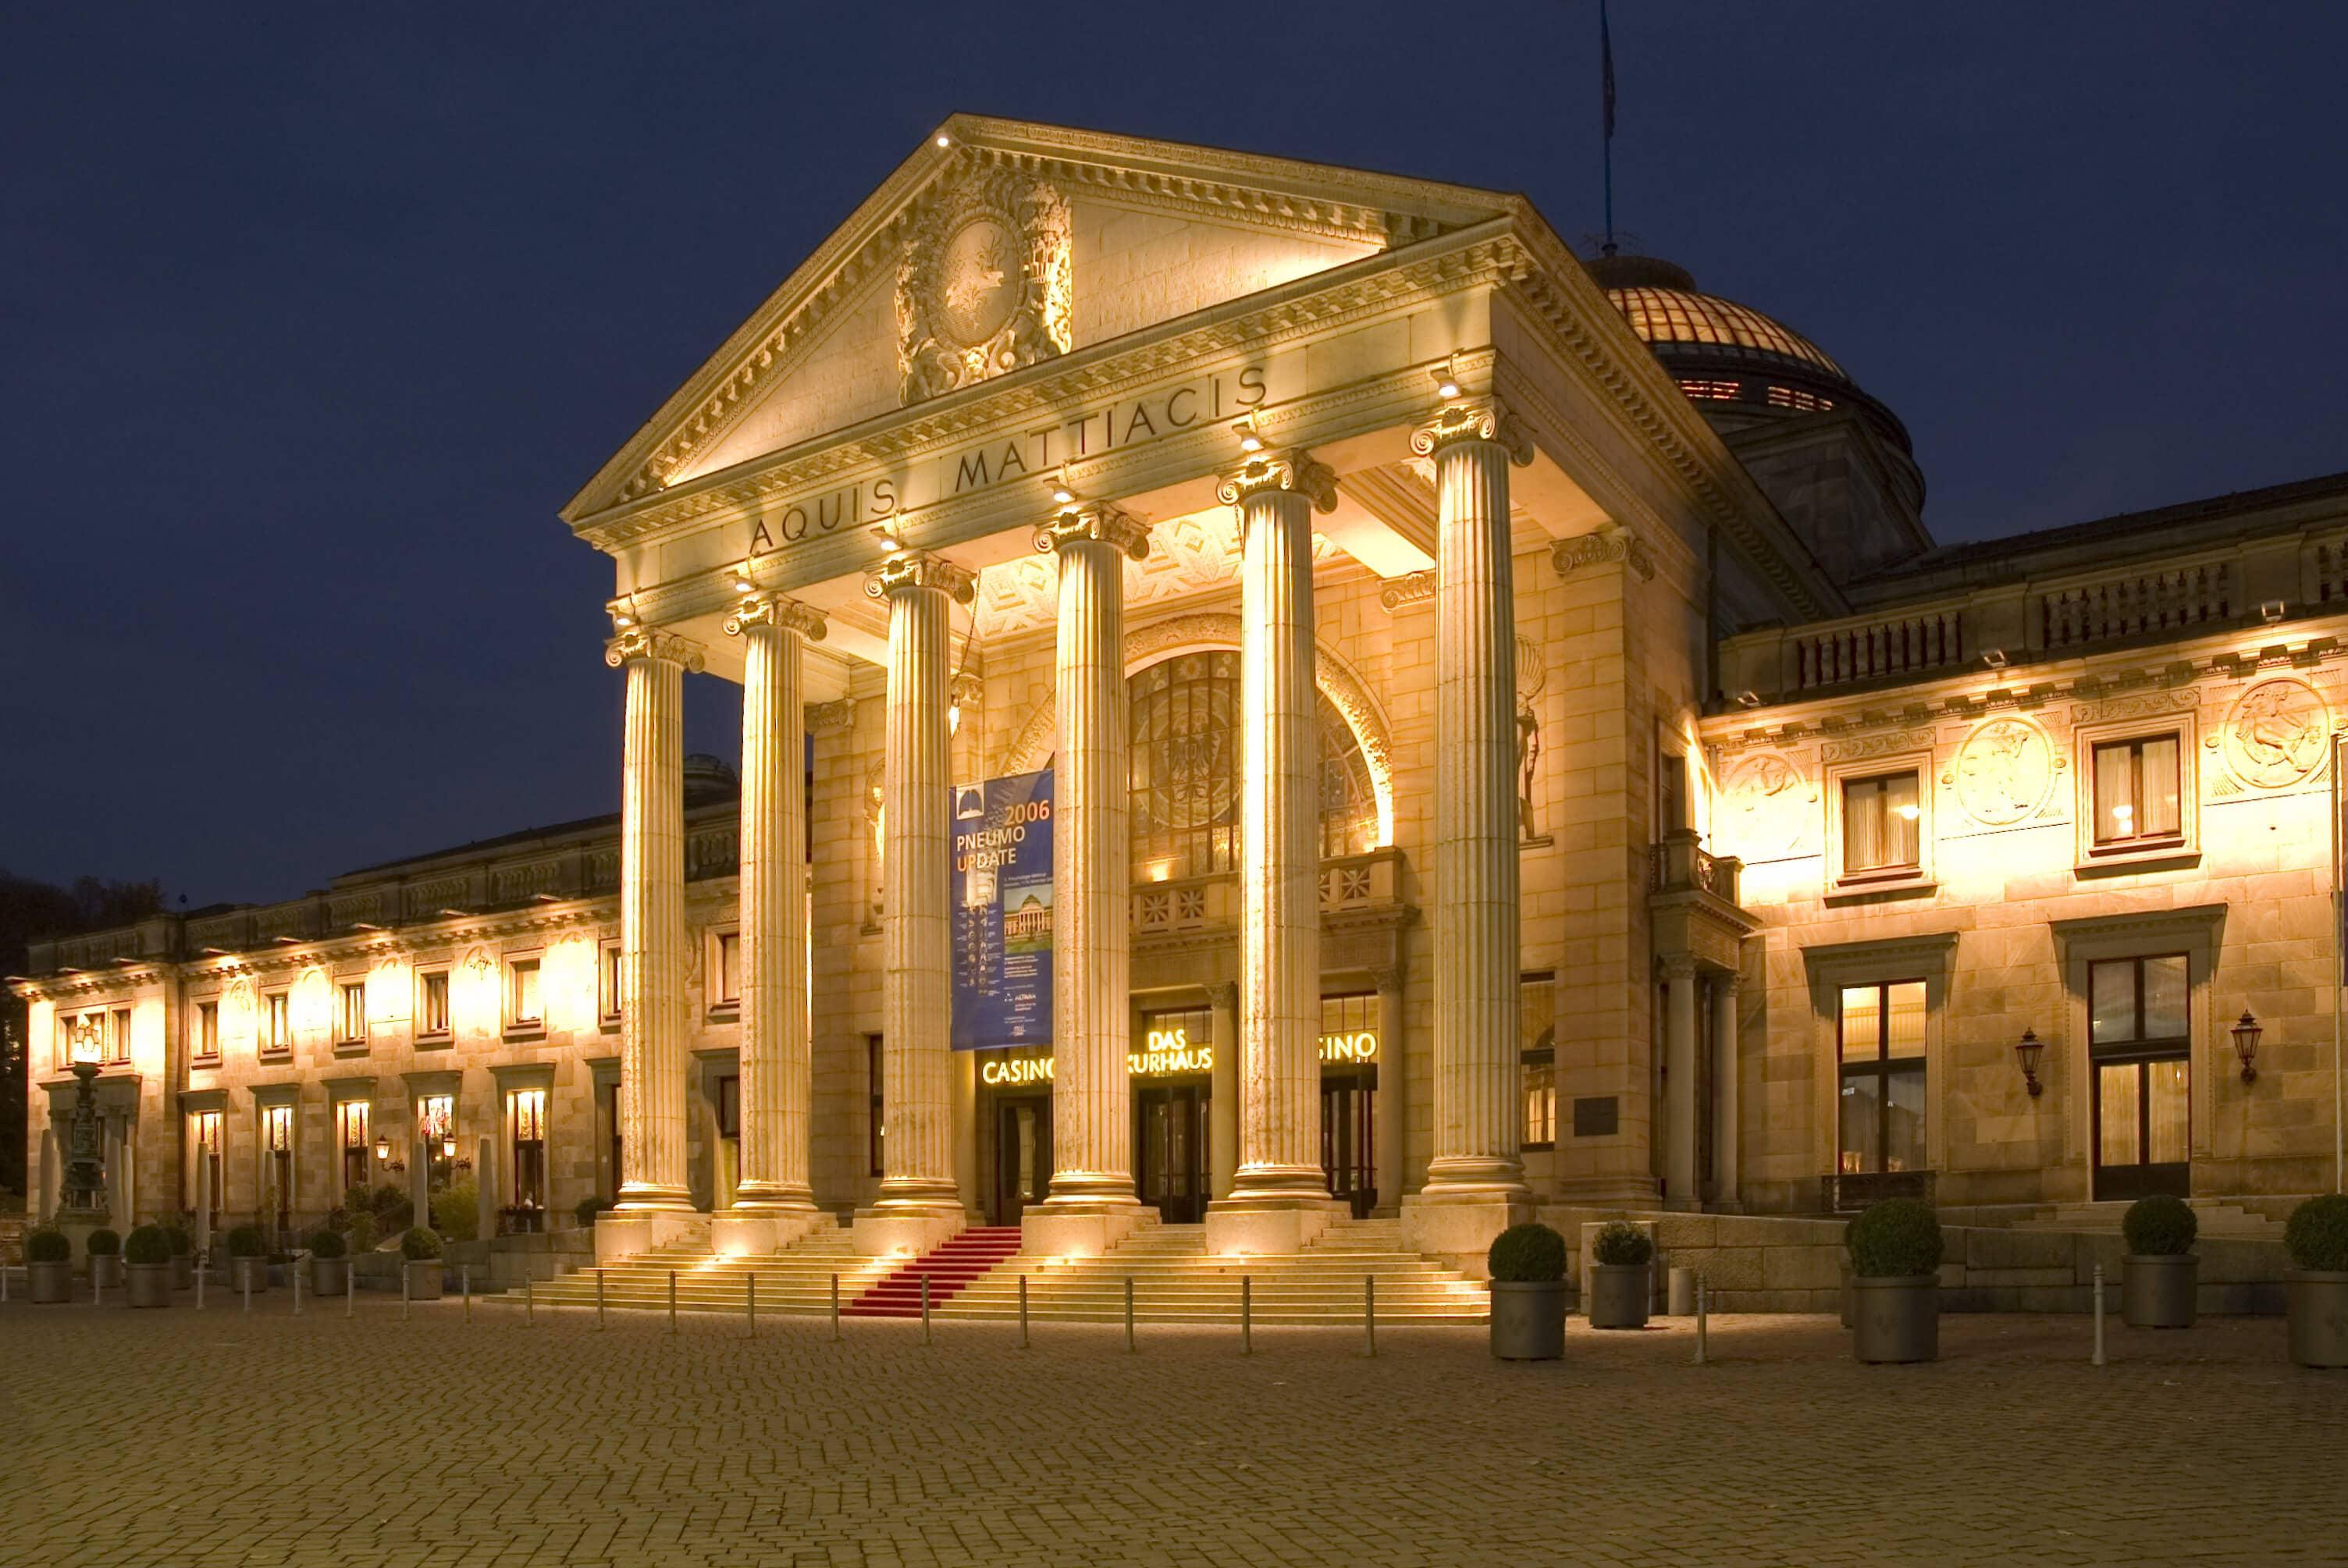 Spielbanken Deutschland - 54852